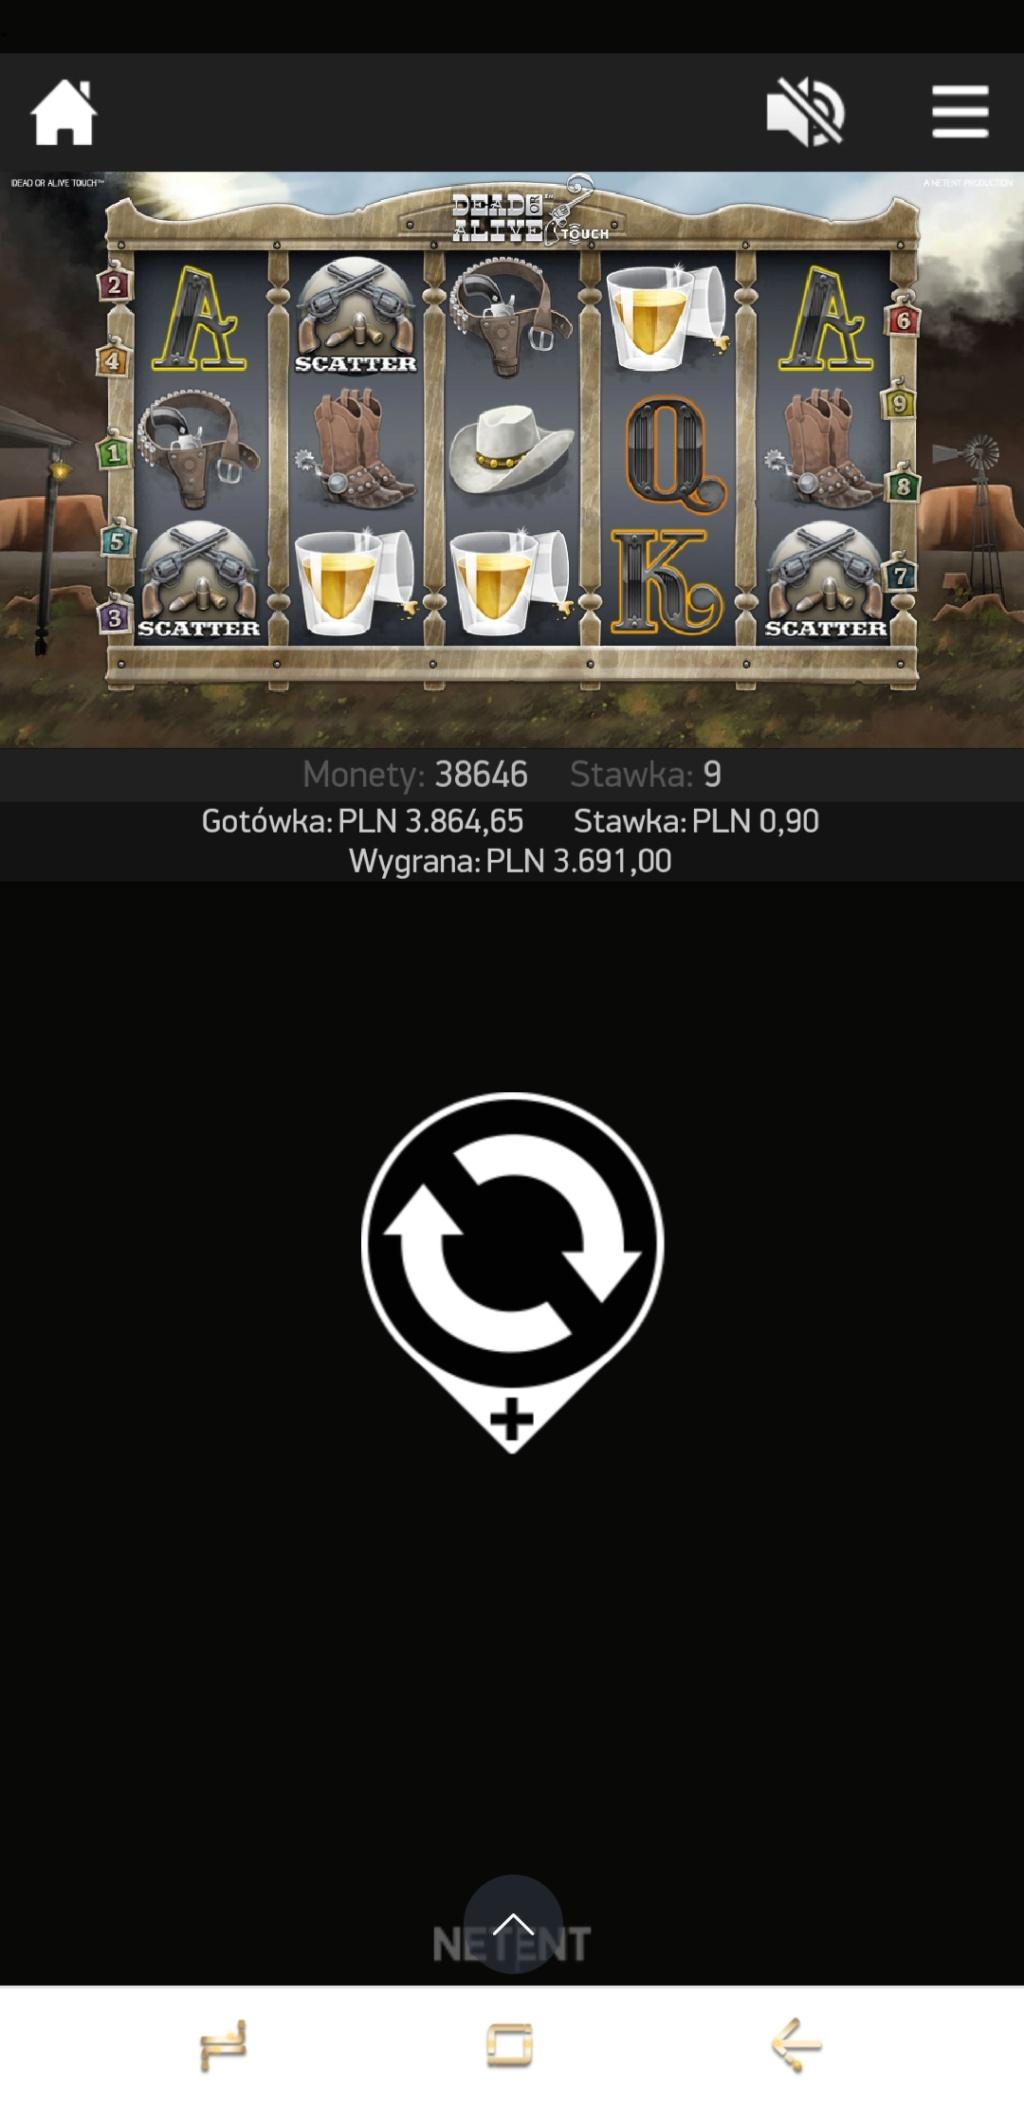 Screenshoty naszych wygranych (minimum 200zł - 50 euro) - kasyno - Page 34 Screen43